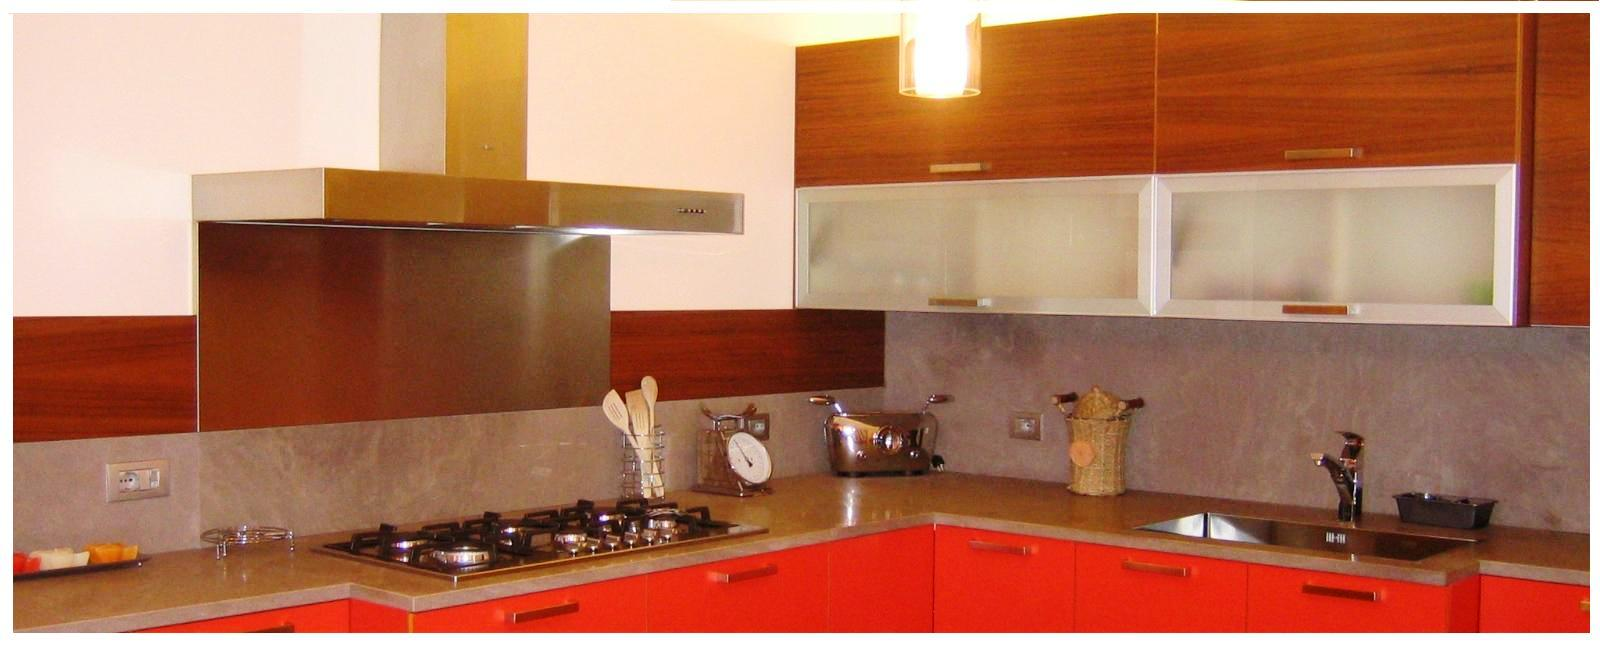 La casa rosso papavero marzo 2012 for Pannelli per coprire piastrelle cucina casa